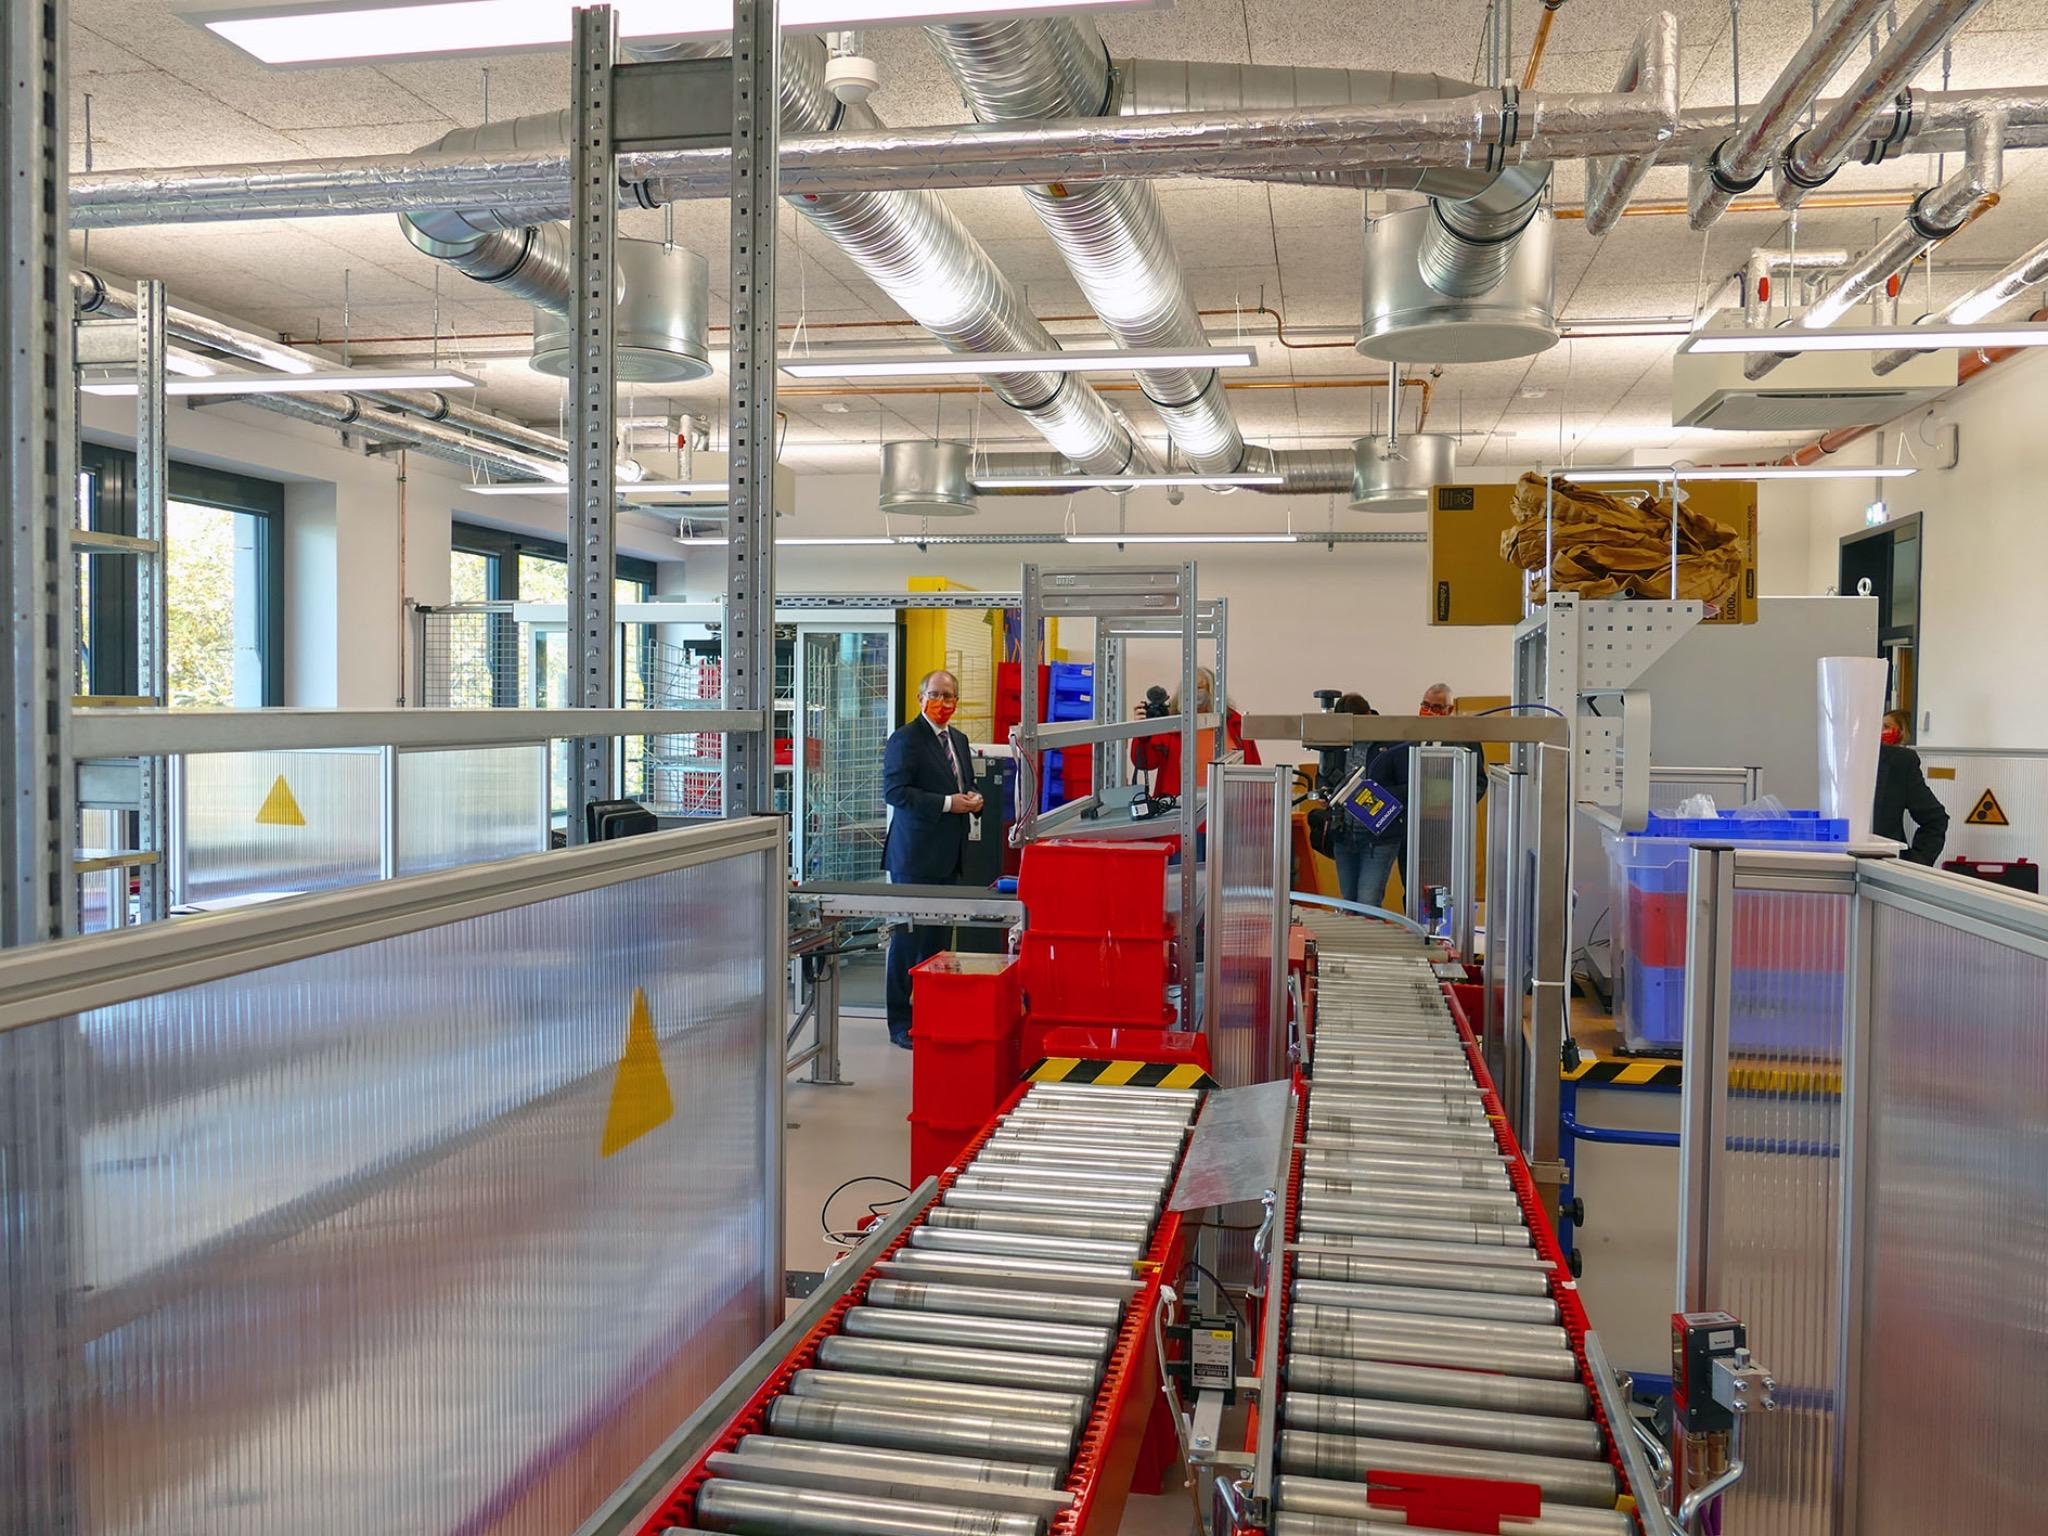 Das Logistik-Labor des FHWS-Neubaus in Schweinfurt. Foto: FHWS